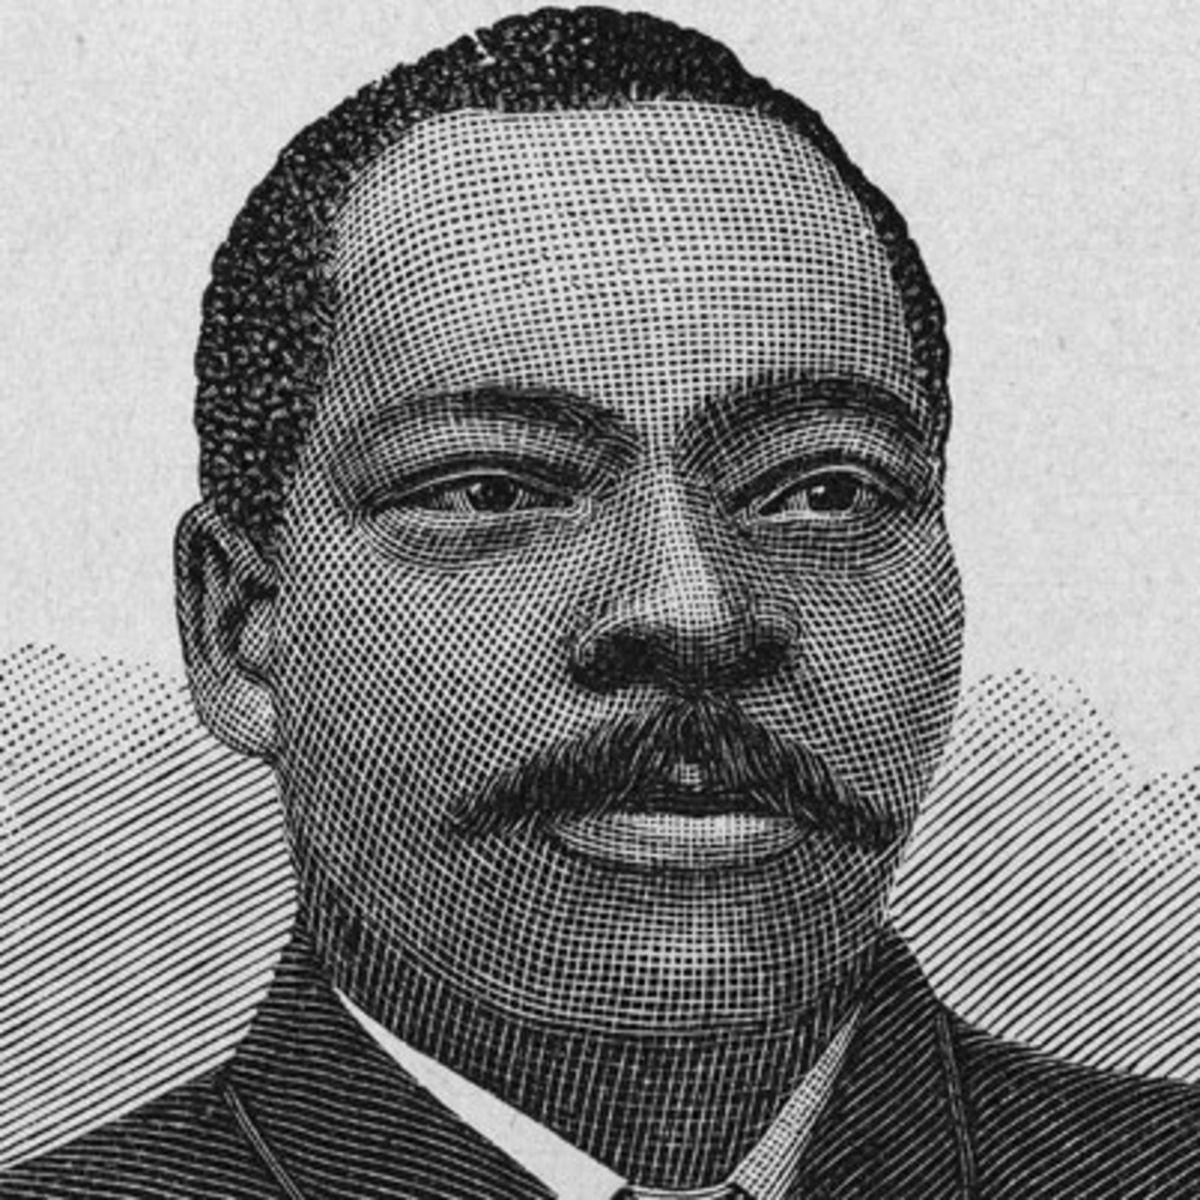 Black Activist Inventor